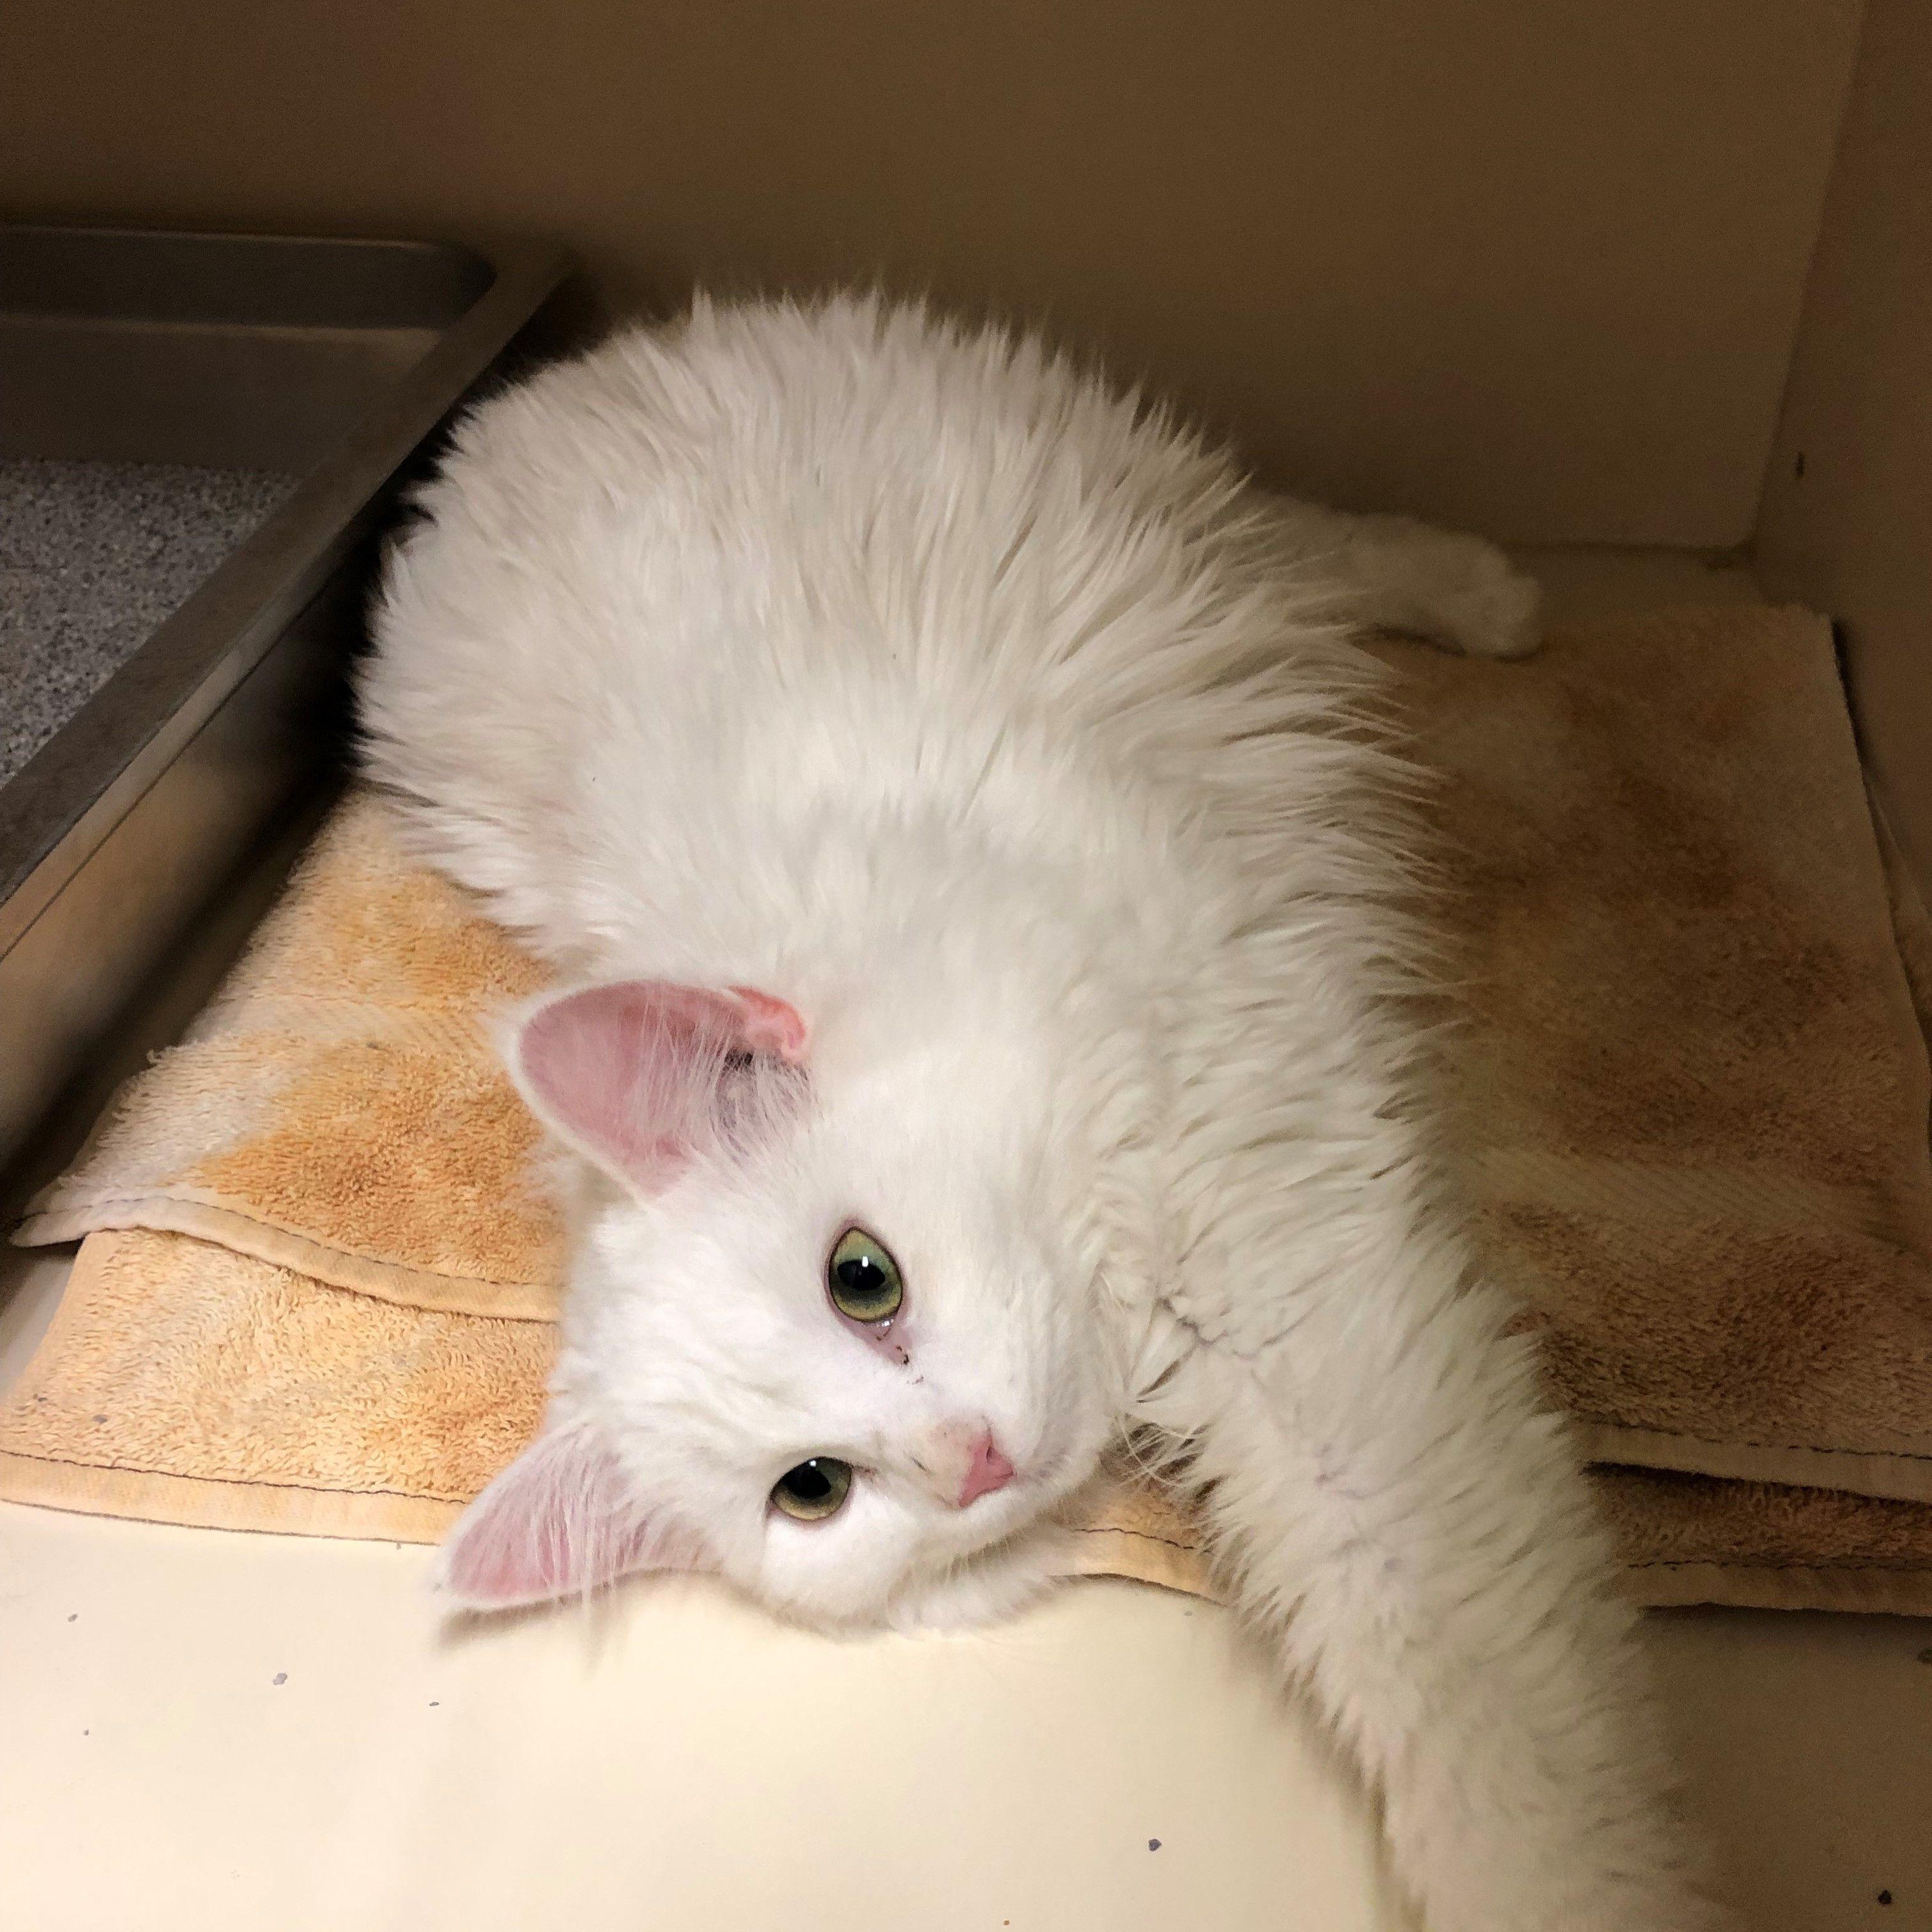 J Crew Cat Adoption Cat Rescue Cats